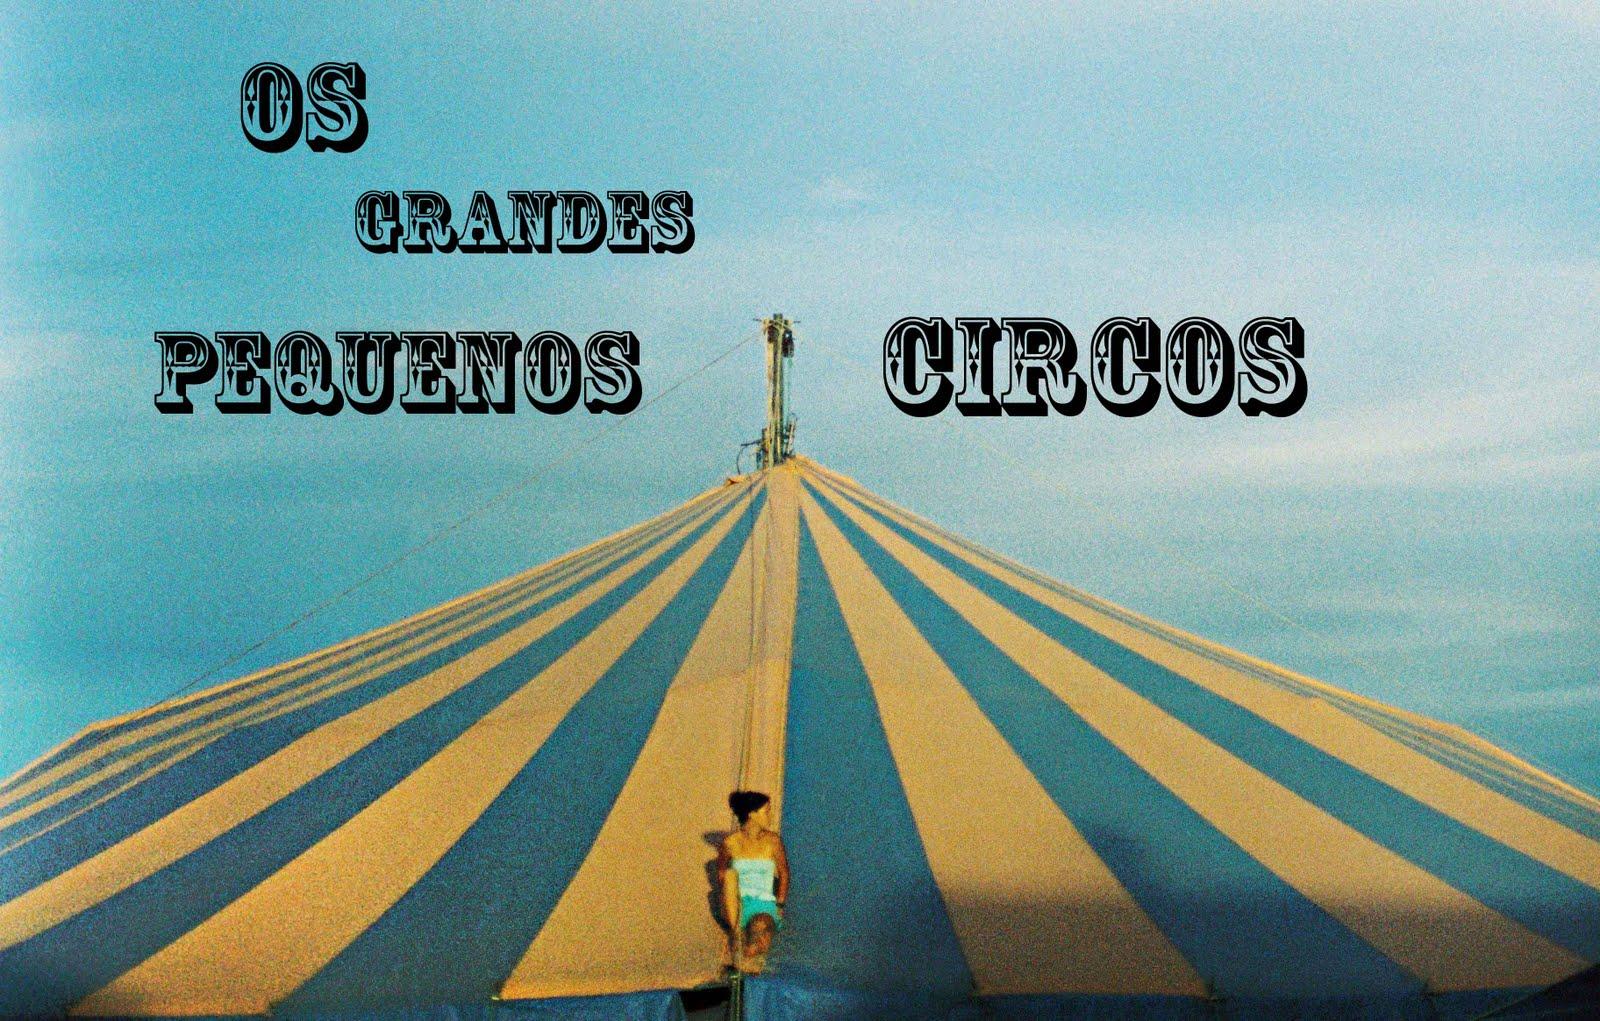 Os Grandes Pequenos Circos